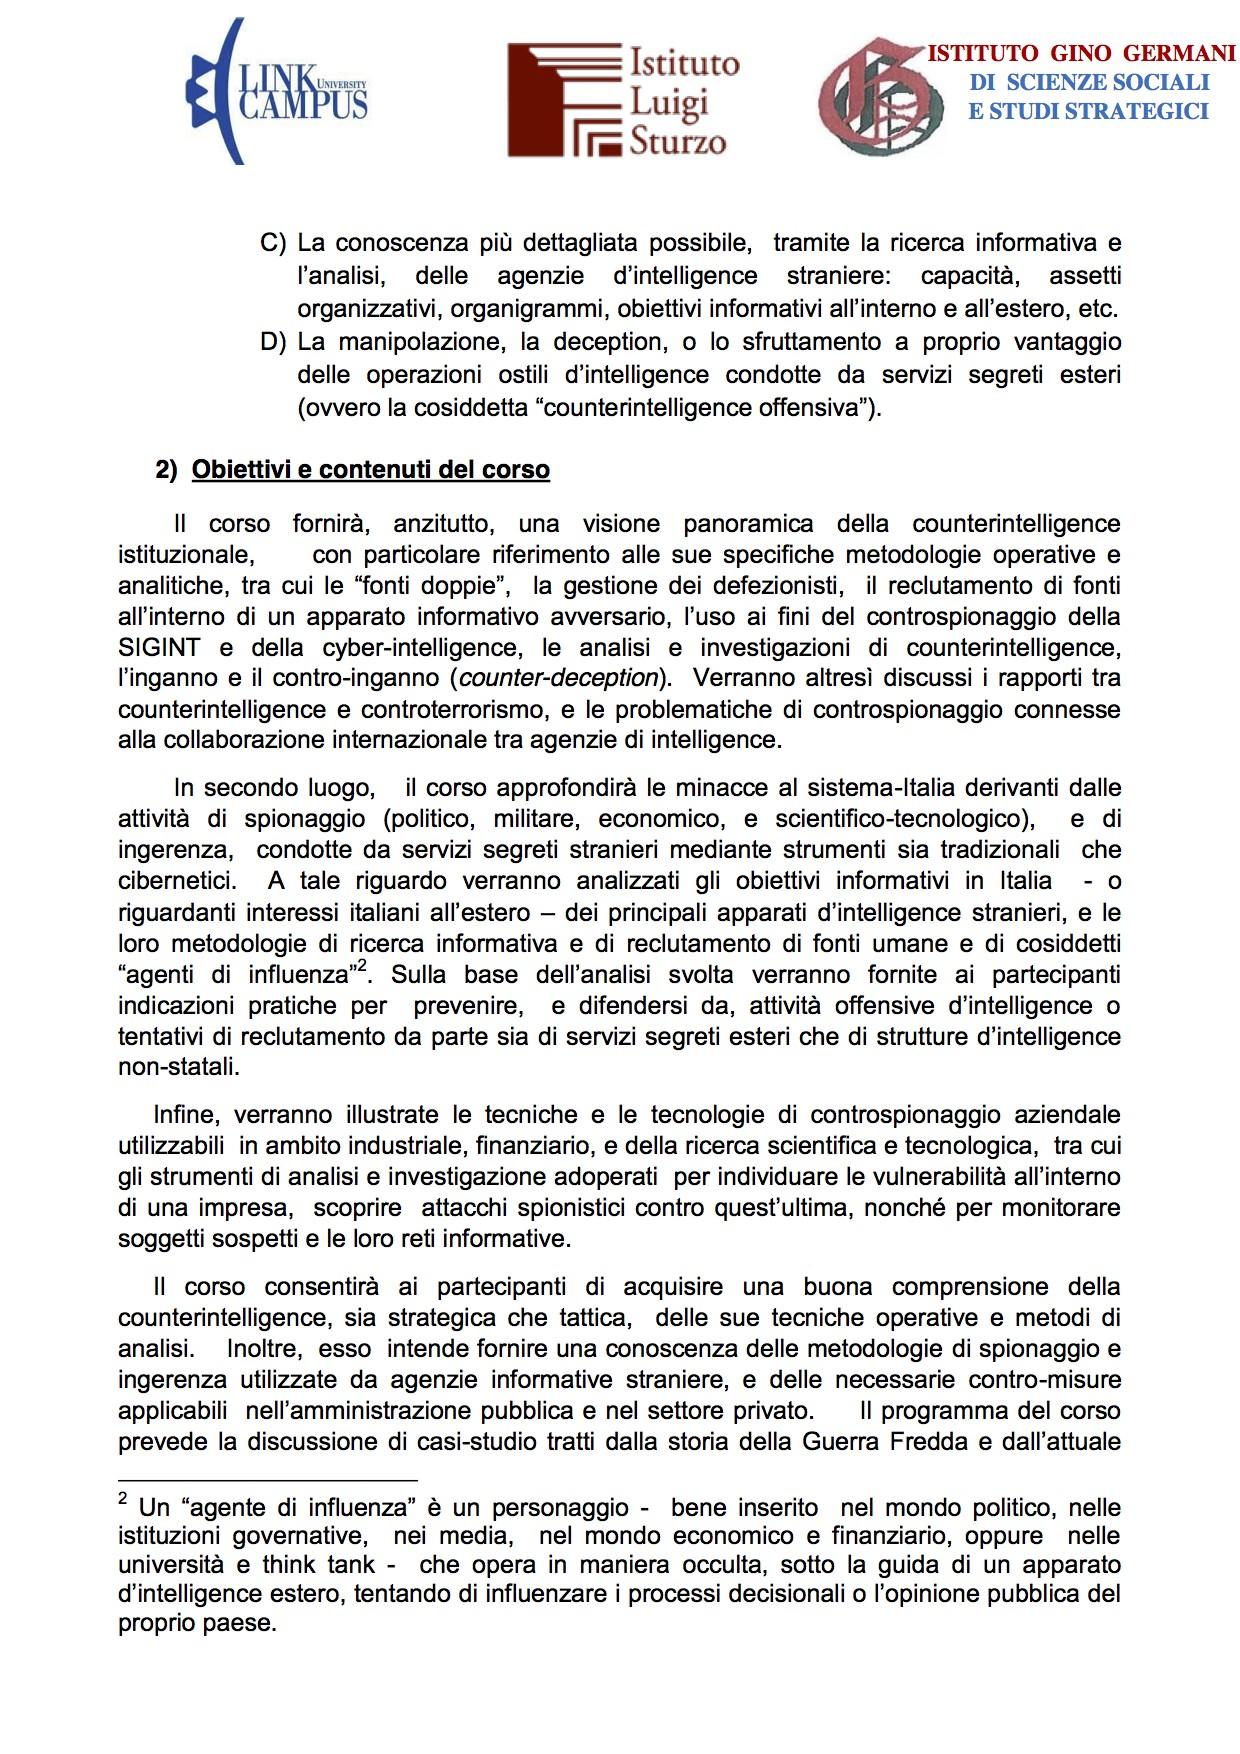 Corso di Alta Formazione Counterintelligence-controspionaggio e controingerenza per la protezione del sistema-paese 2